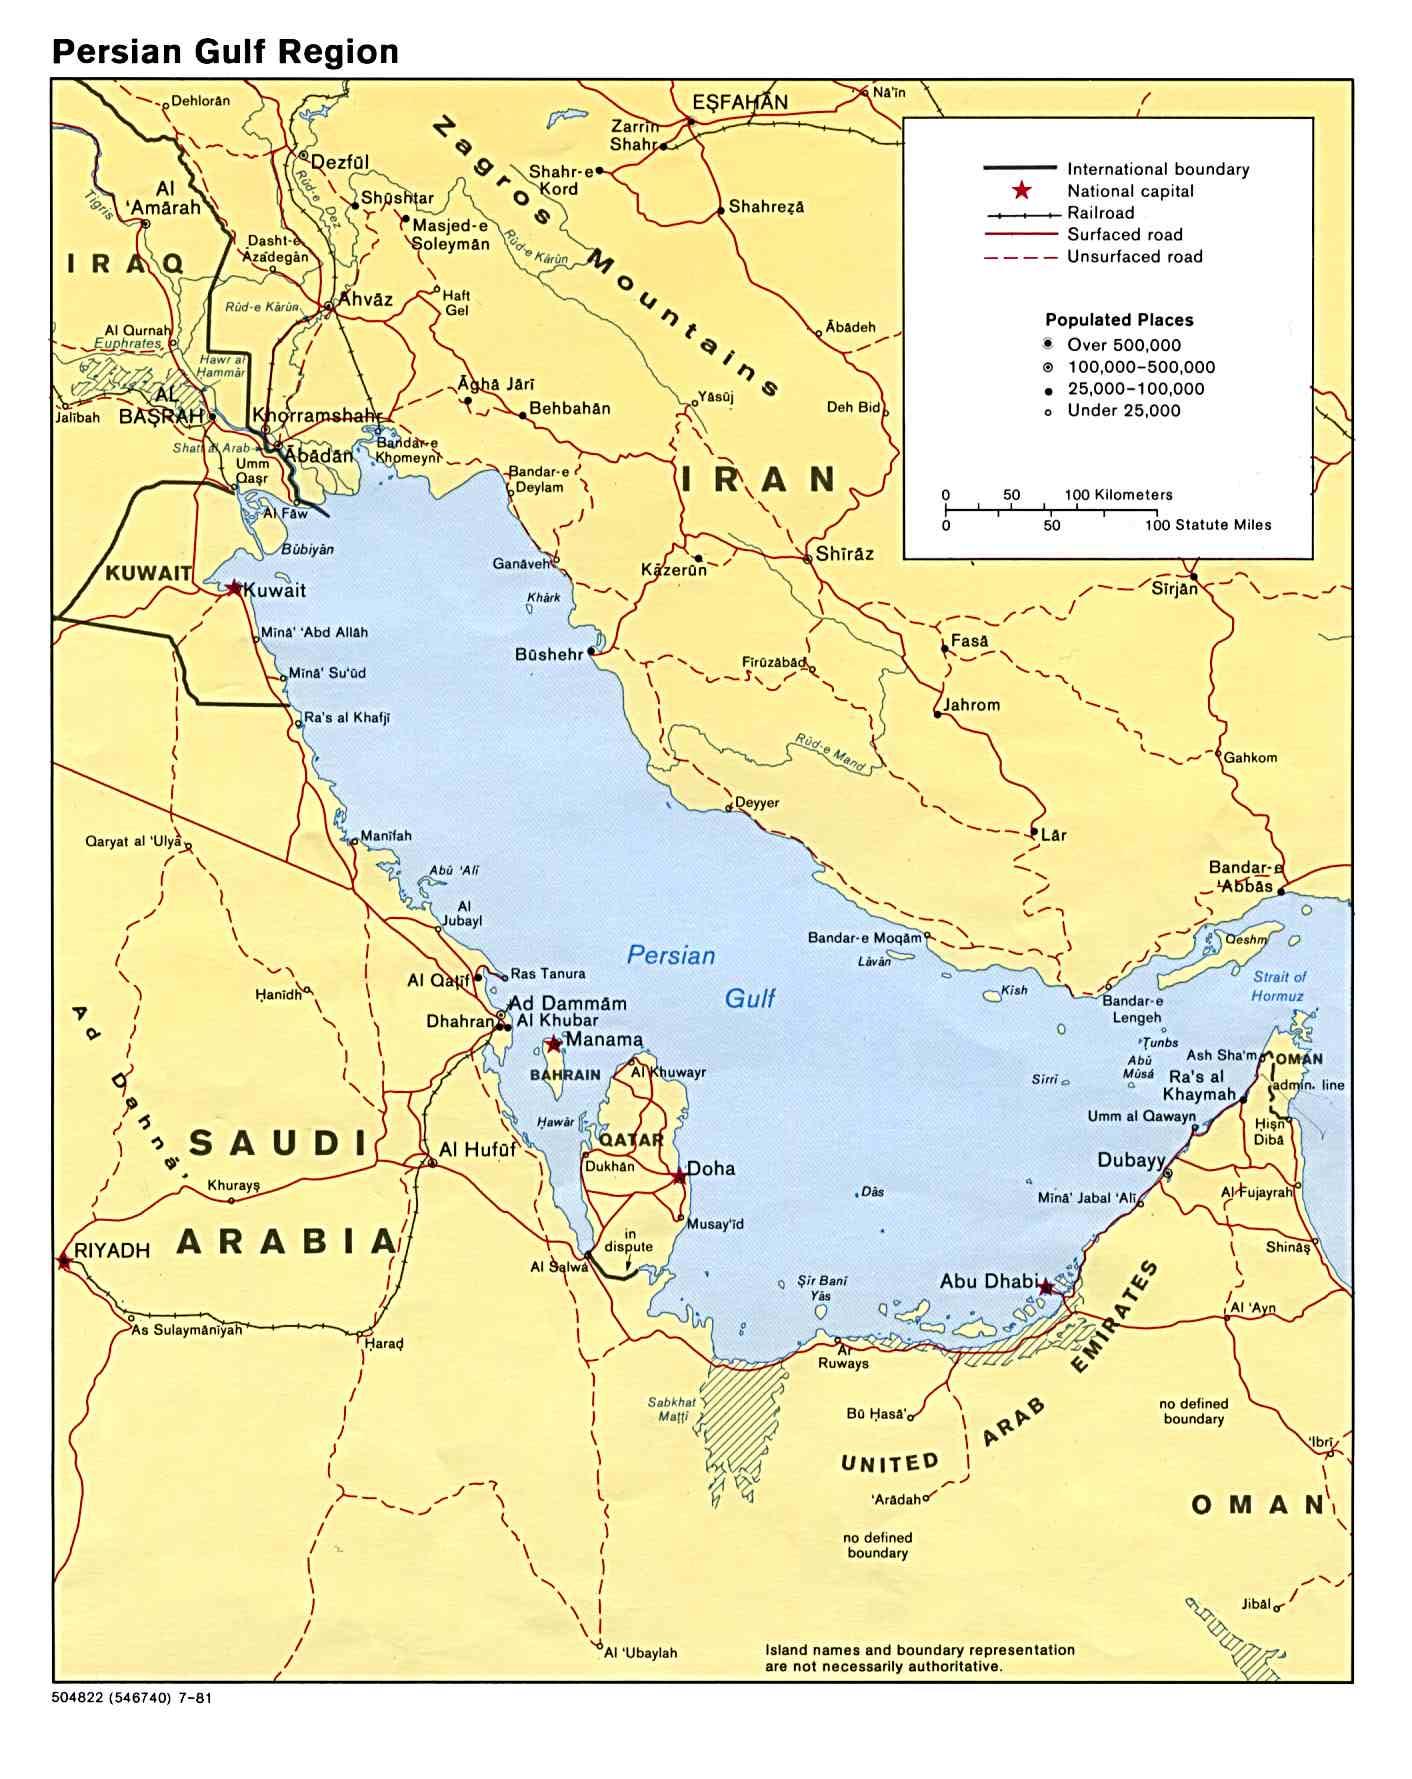 خلیج همیشه فارس